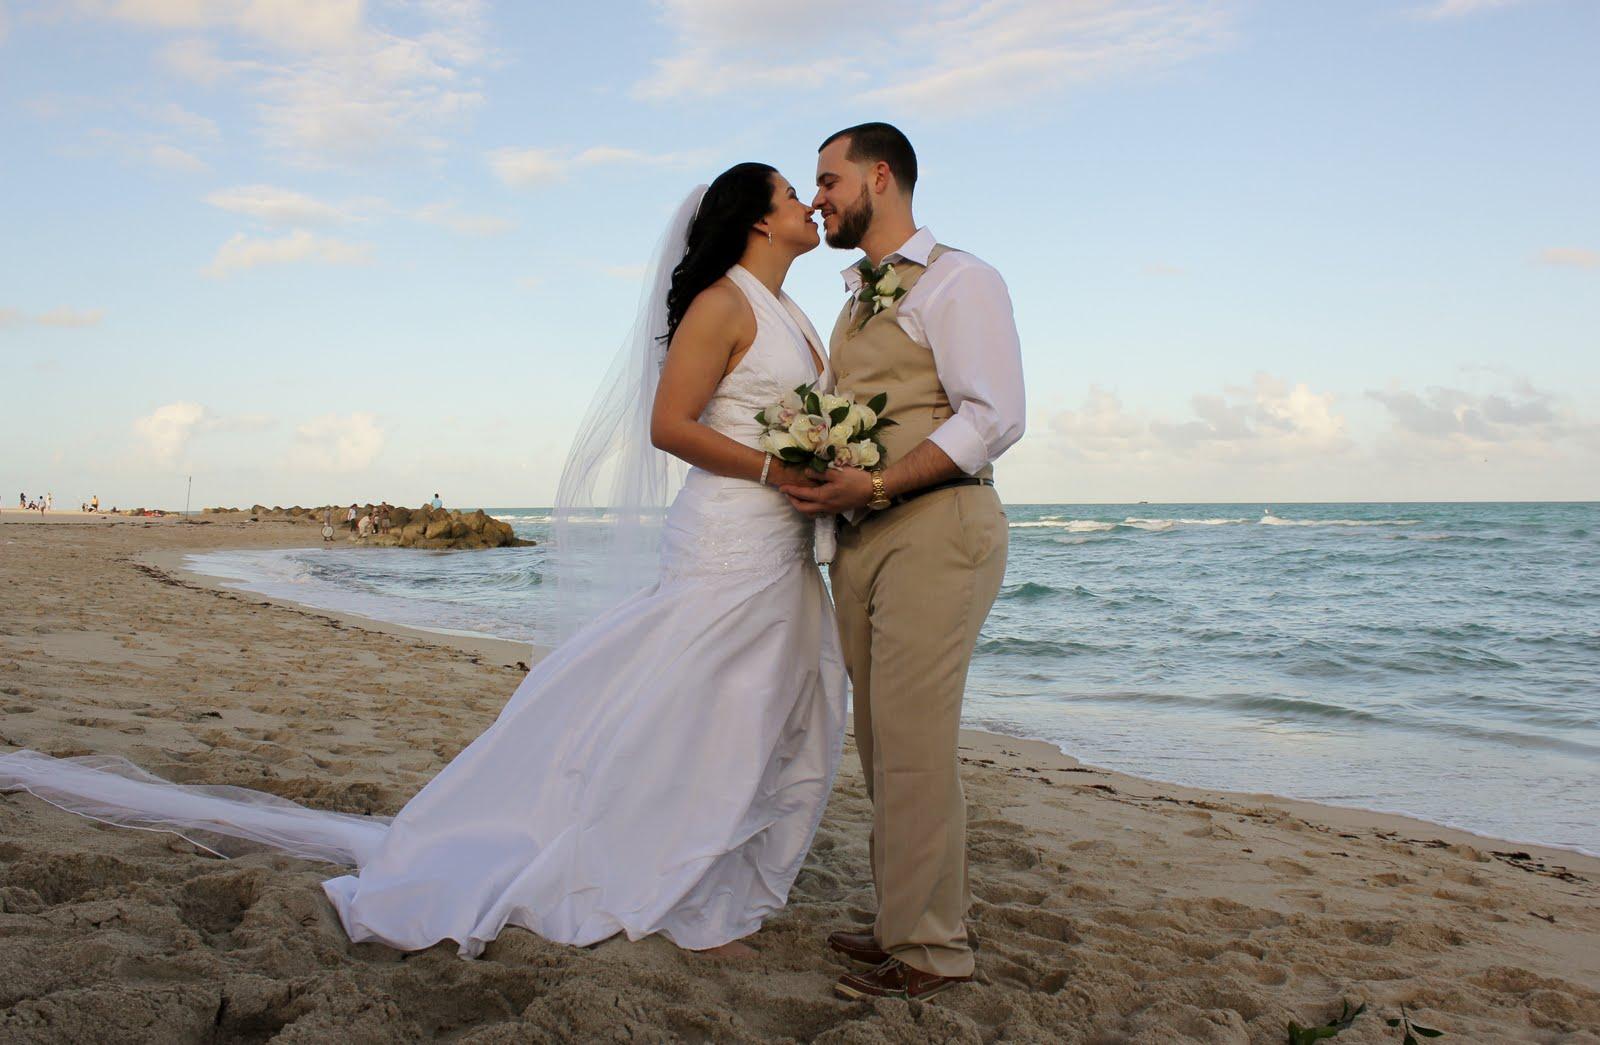 Affordable Beach Weddings! 305-793-4387: Gabriela